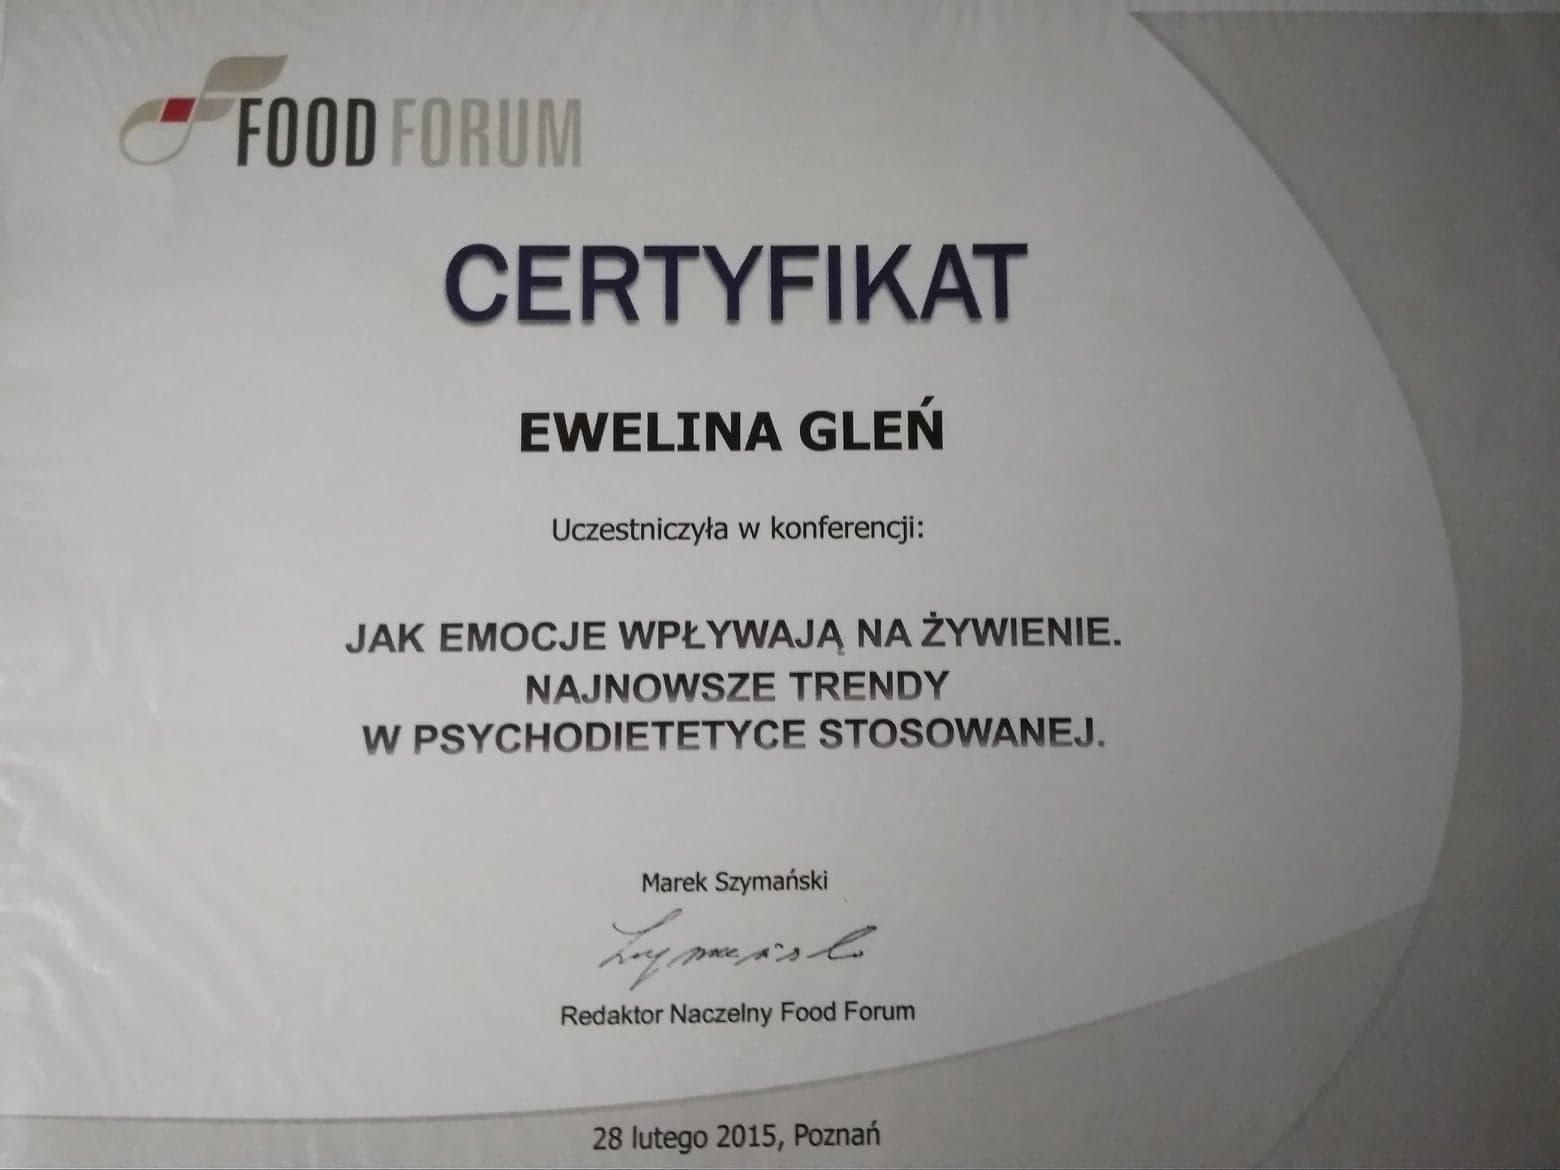 certyfikat uczestnictwa w konferencji 'Jak emocje wpływają na żywienie'